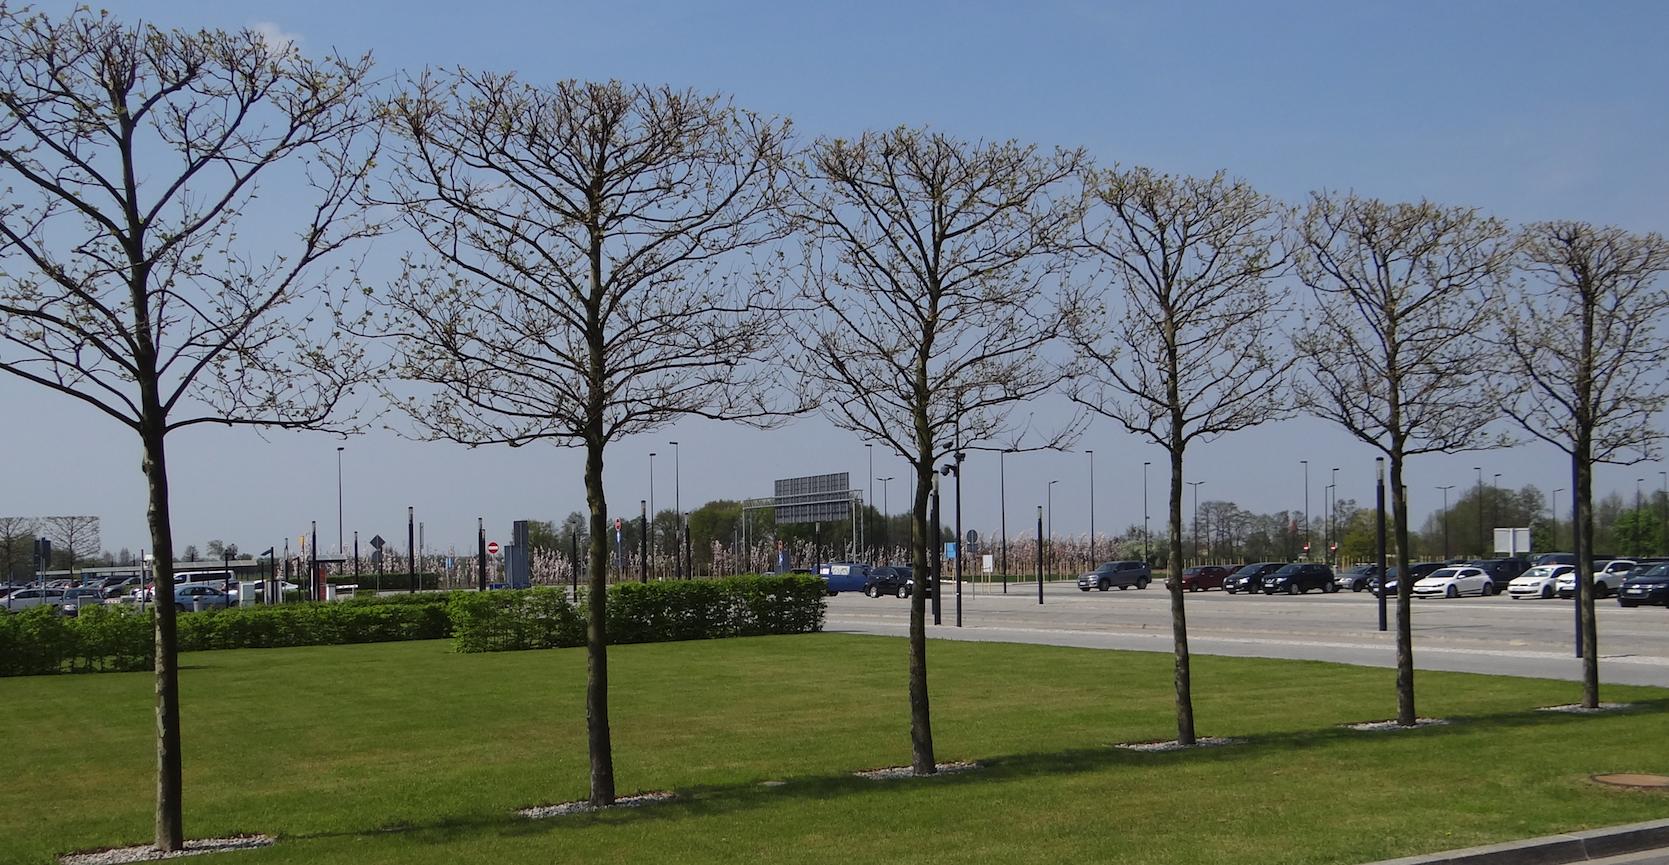 Lotnisko Wrocław. Piękne drzewa. 2018 rok. Zdjęcie Karol Placha Hetman